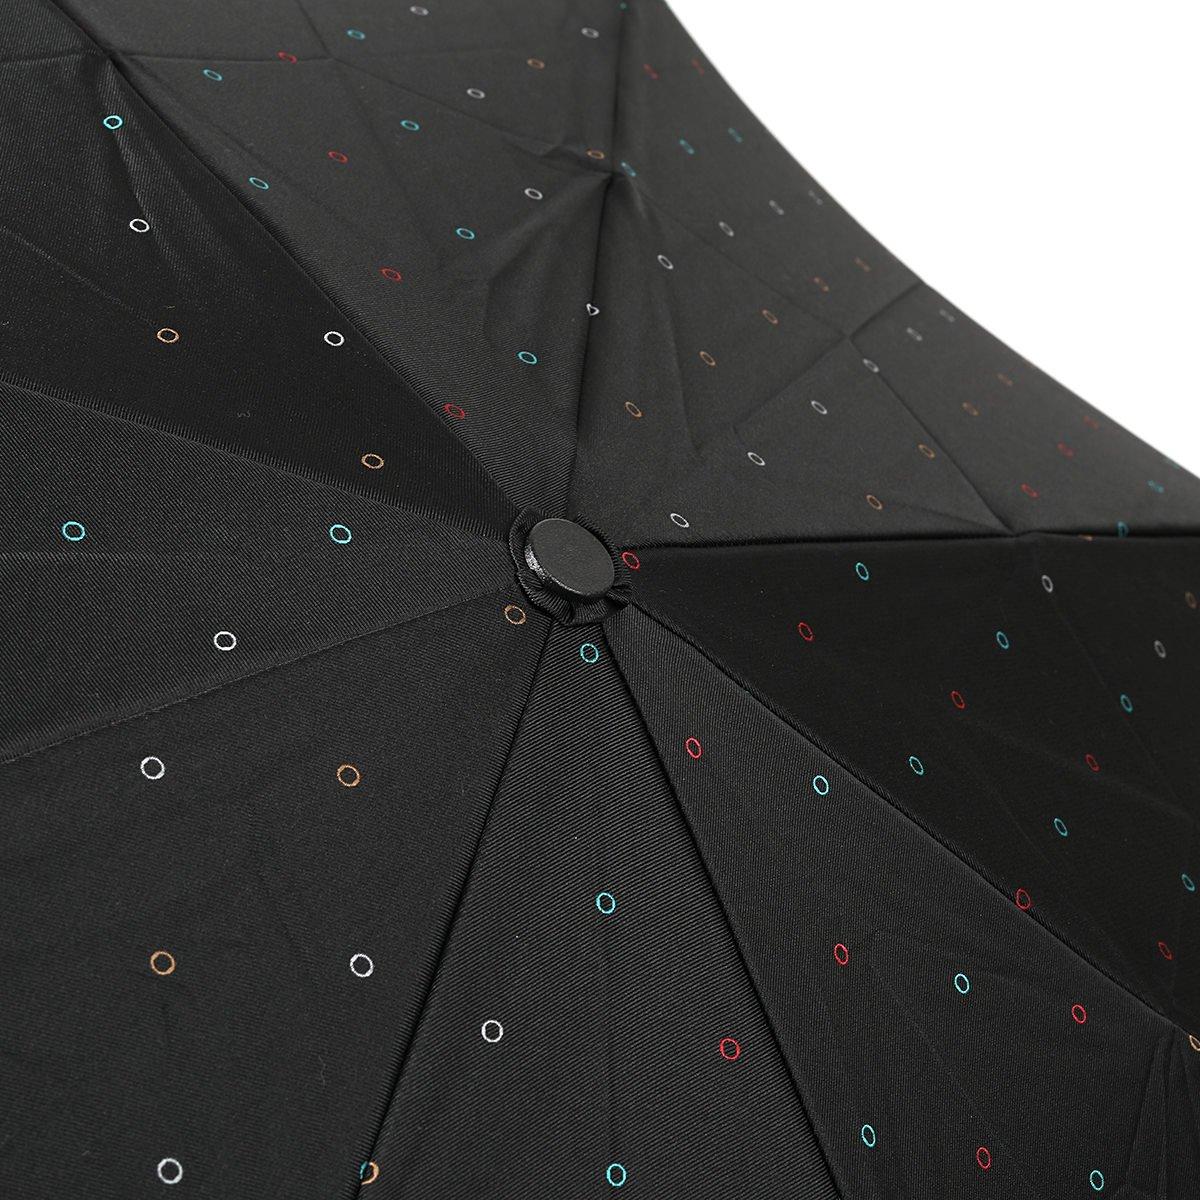 【セール】リング ドット  耐風骨 折りたたみ傘 詳細画像7